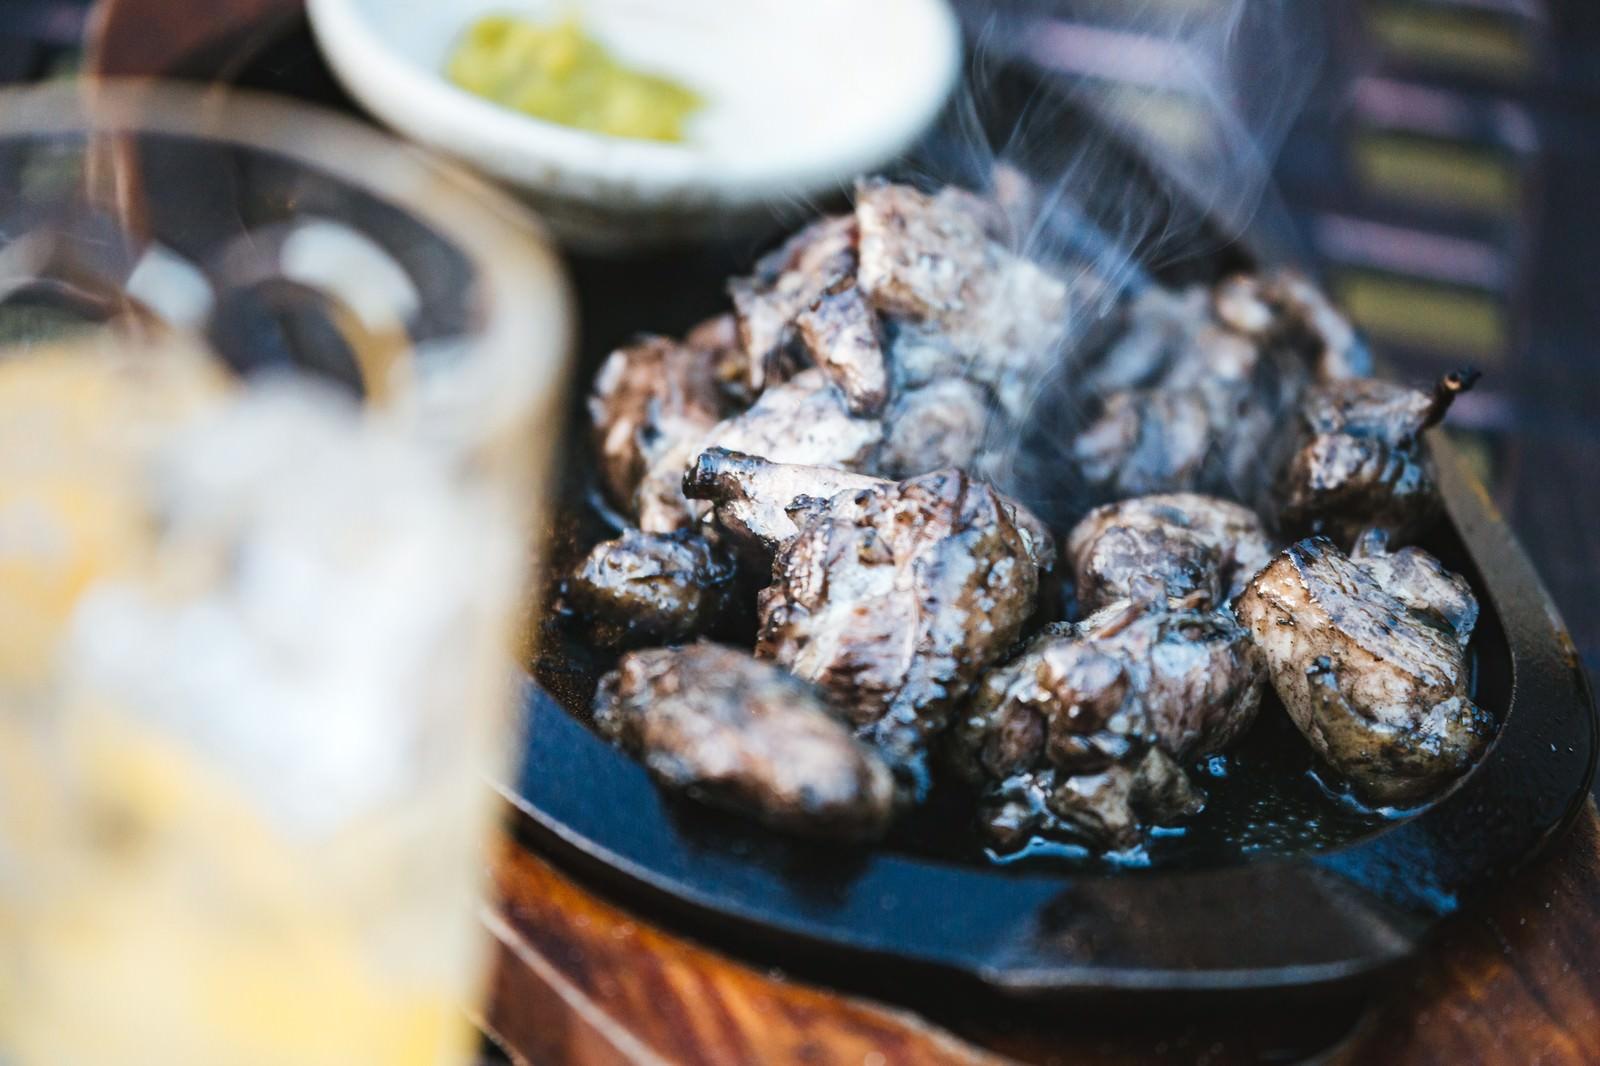 「お酒によく合う湯気たつみやざき地頭鶏お酒によく合う湯気たつみやざき地頭鶏」のフリー写真素材を拡大